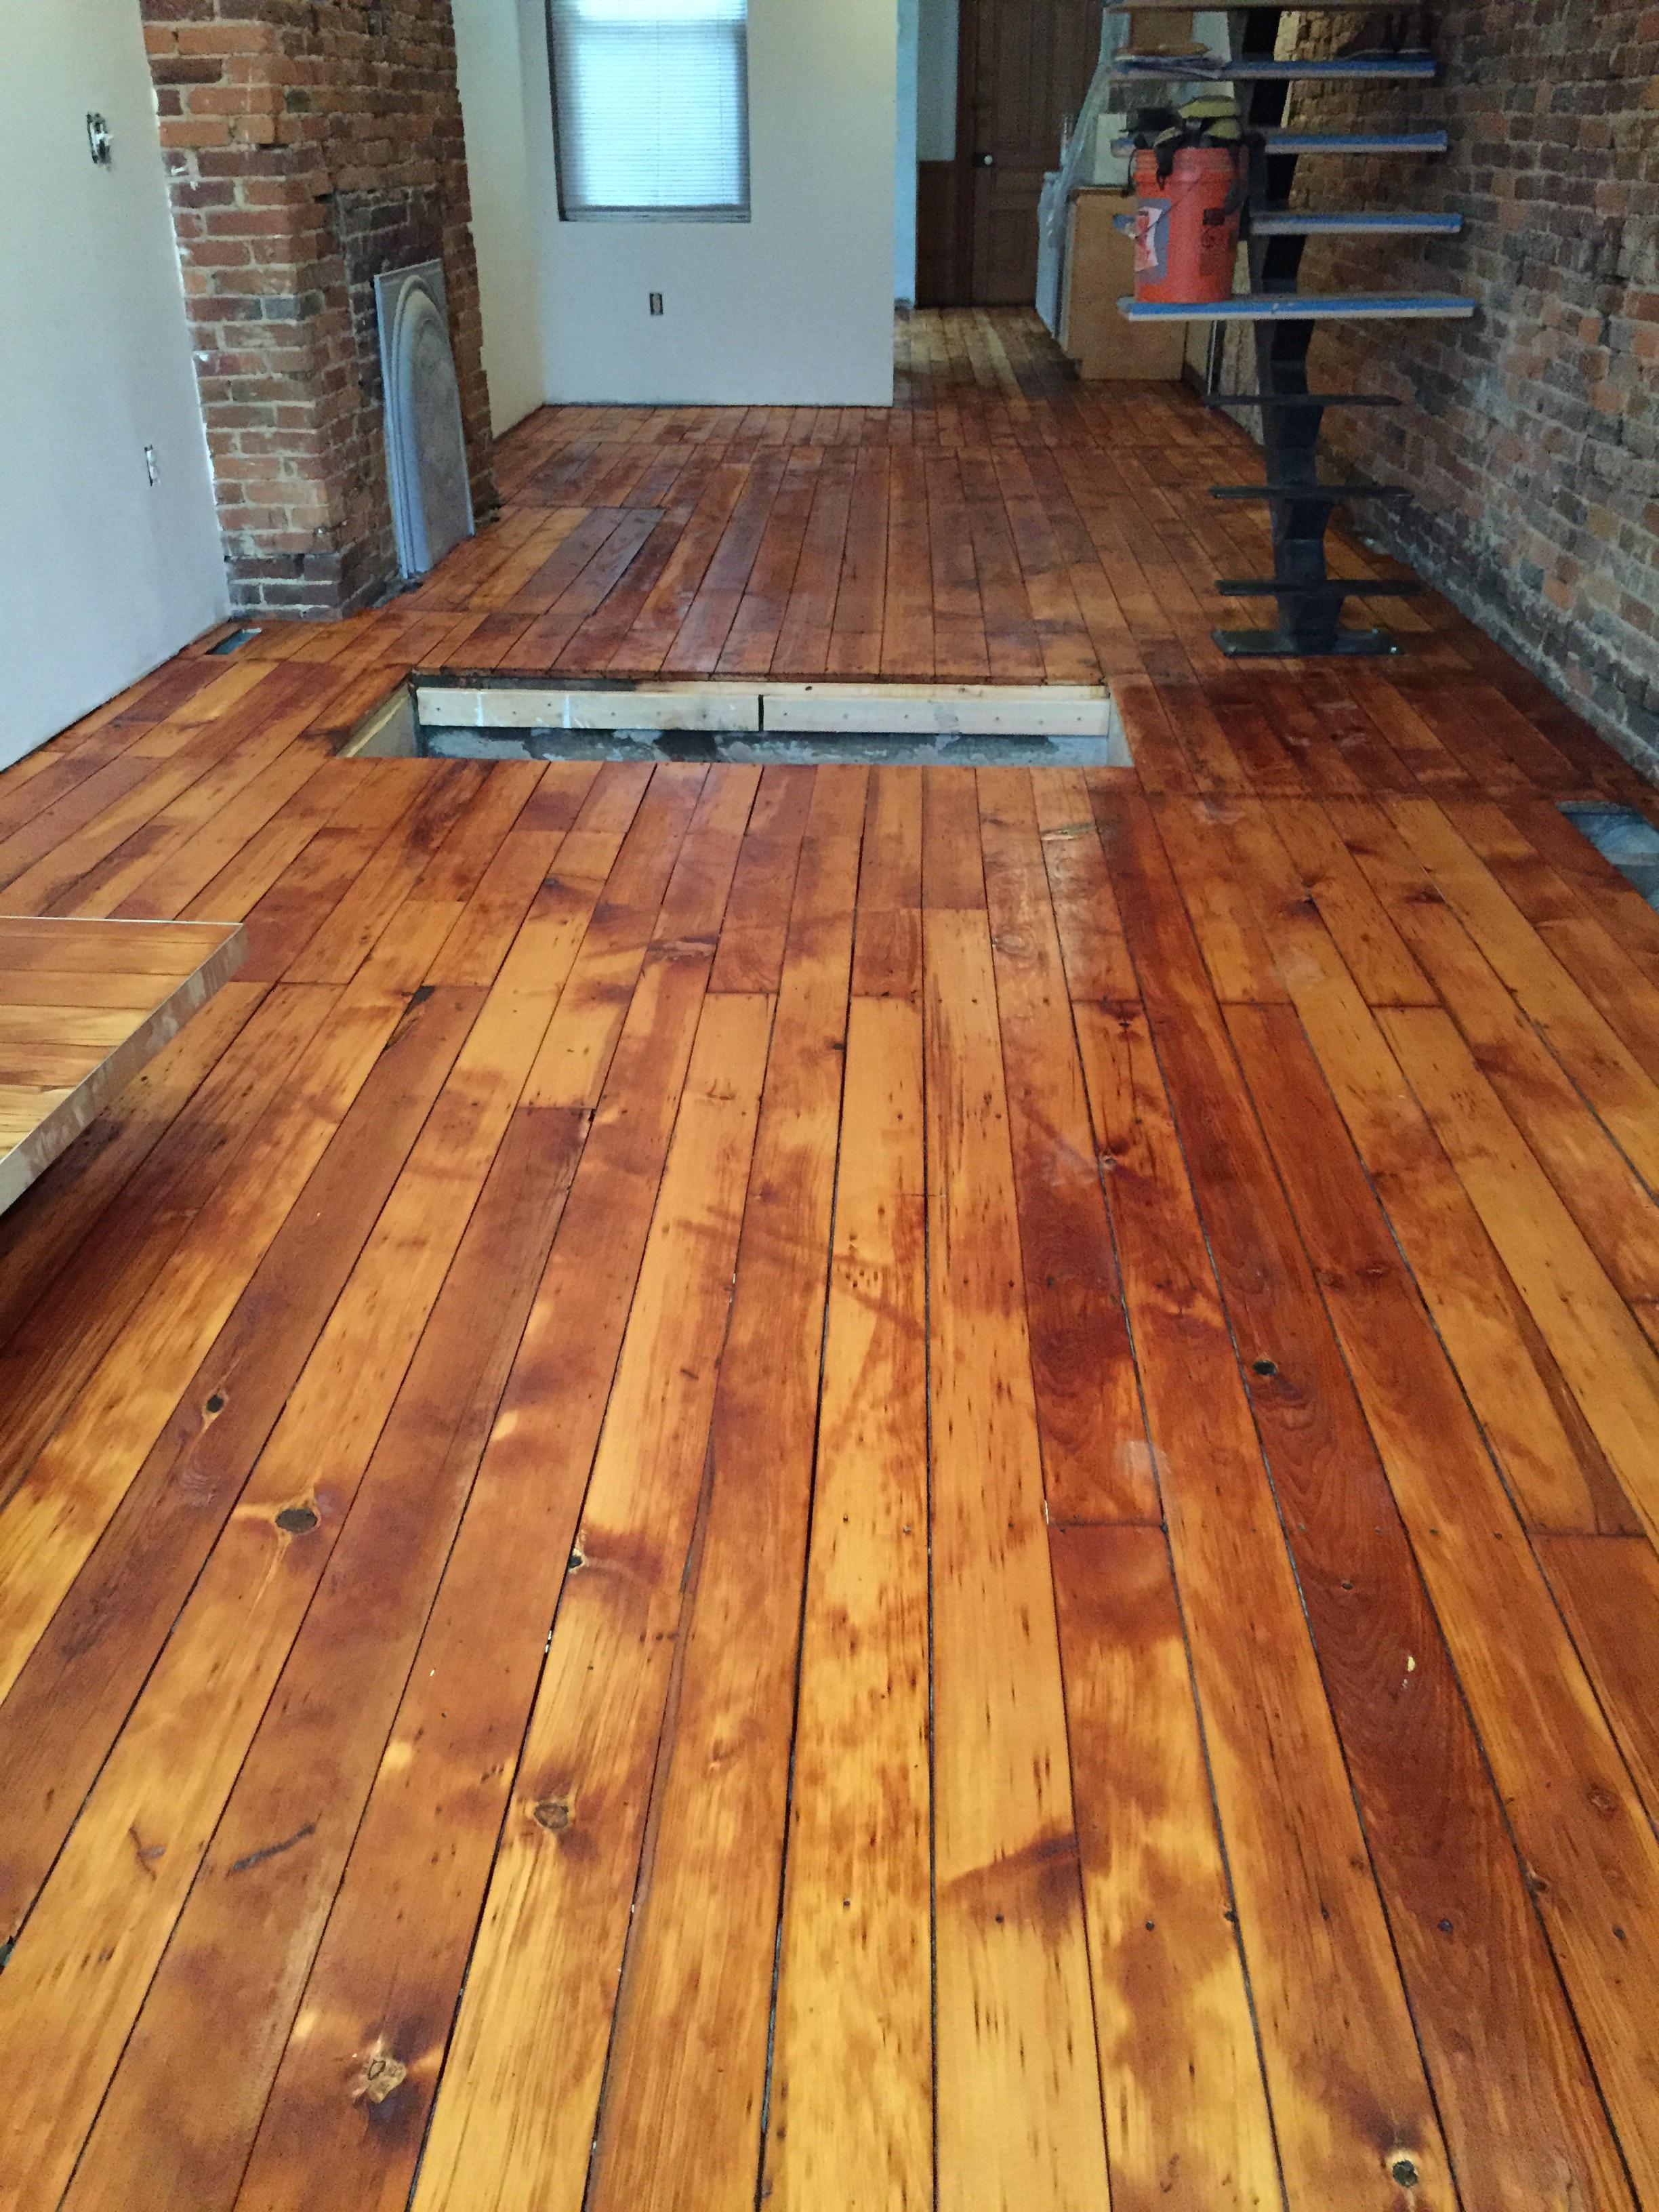 Best poly finish for hardwood floors - Best Polyurethane For Wood Floors 45 Images Floor Finish Vs Polyurethane Floor Finish Houses Ilove2sweat Marialoaizafo